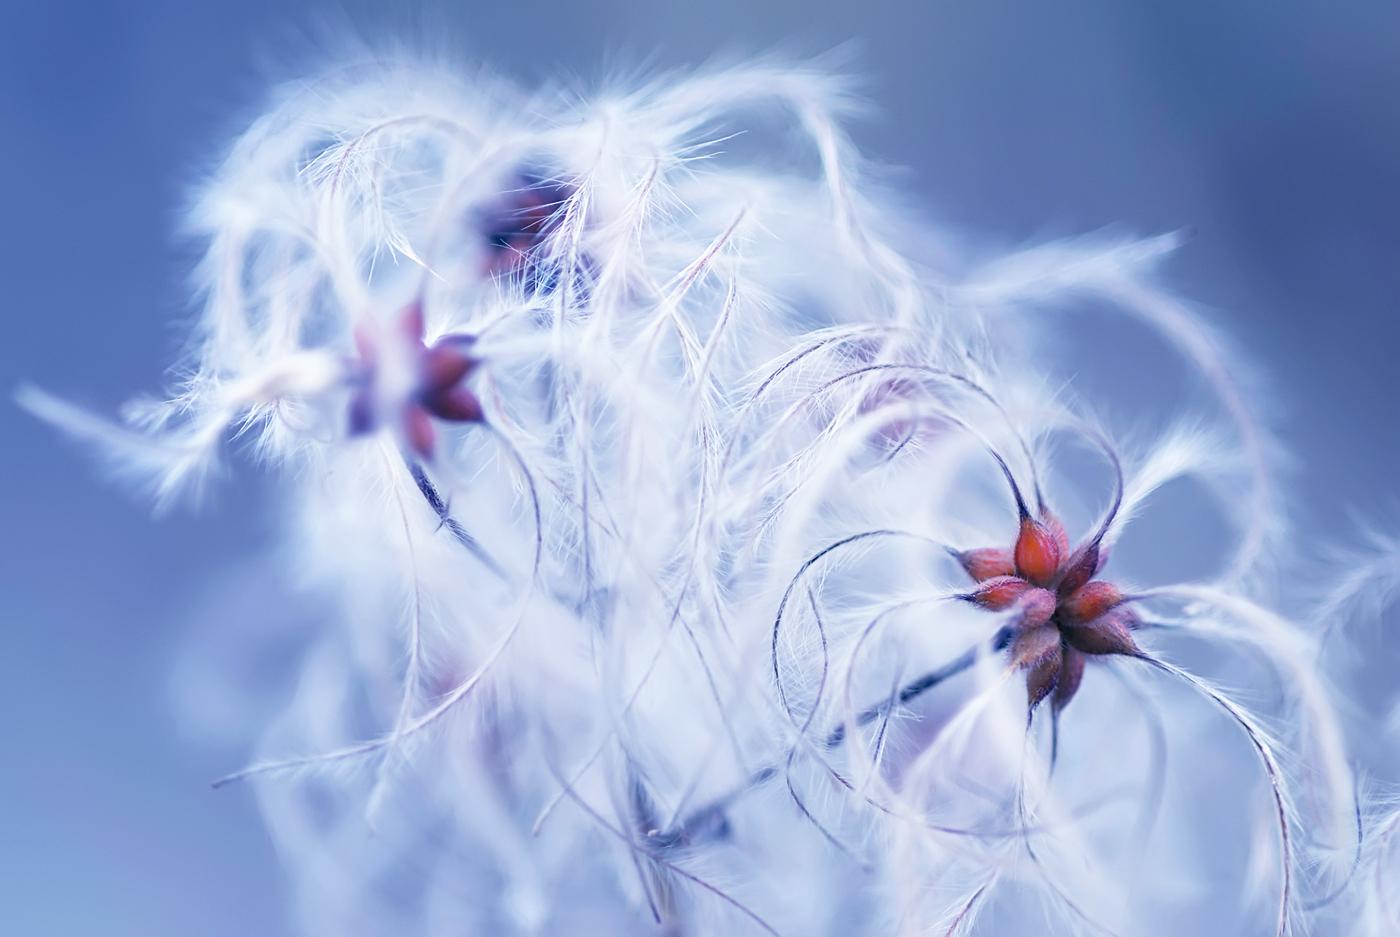 plumas al viento - Nuria Blanco - Nuria Blanco Arenas. Nature and wildlife photographer.